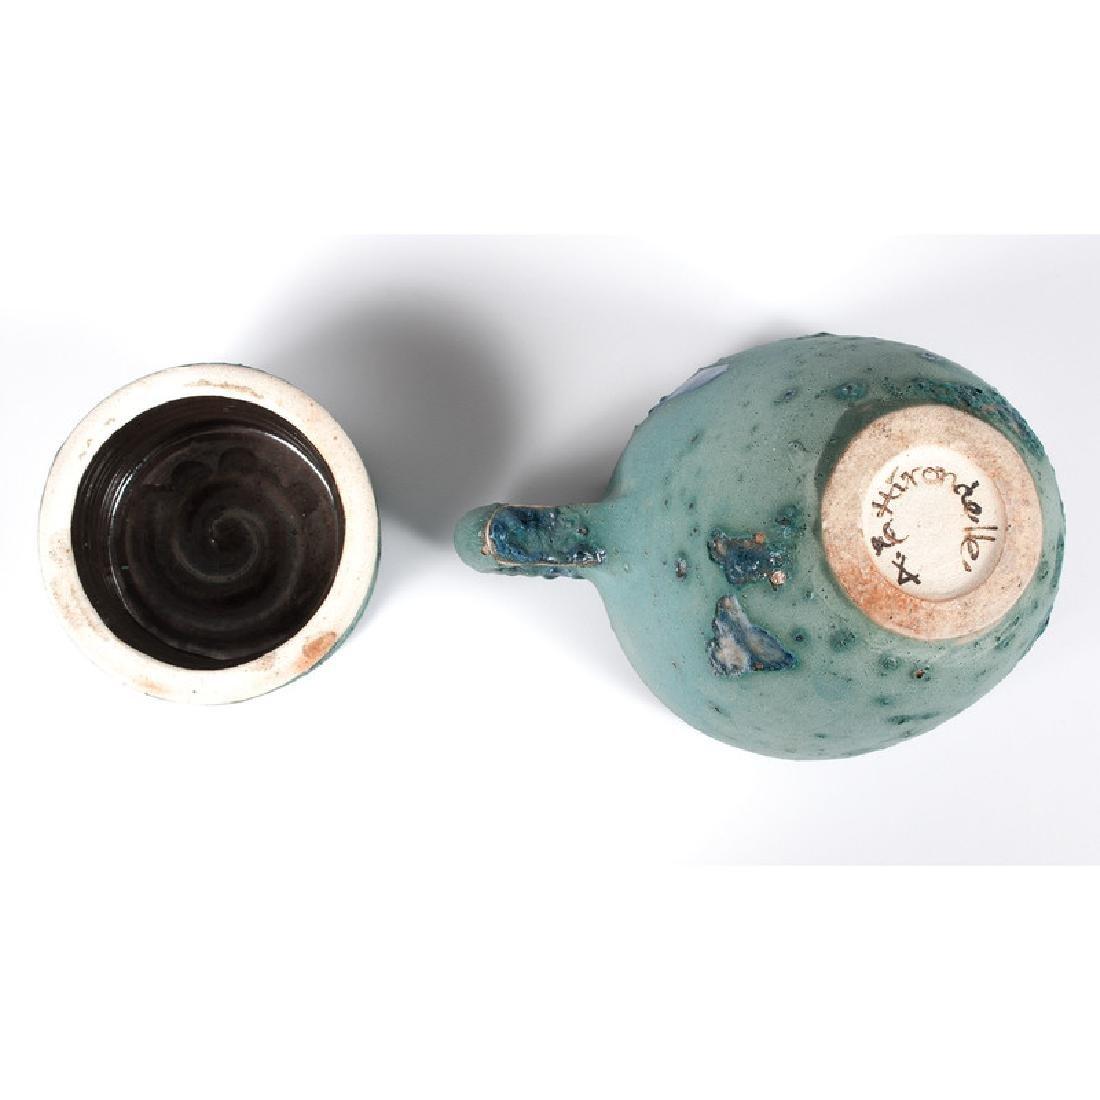 Four Contemporary Ceramic Cups - 6